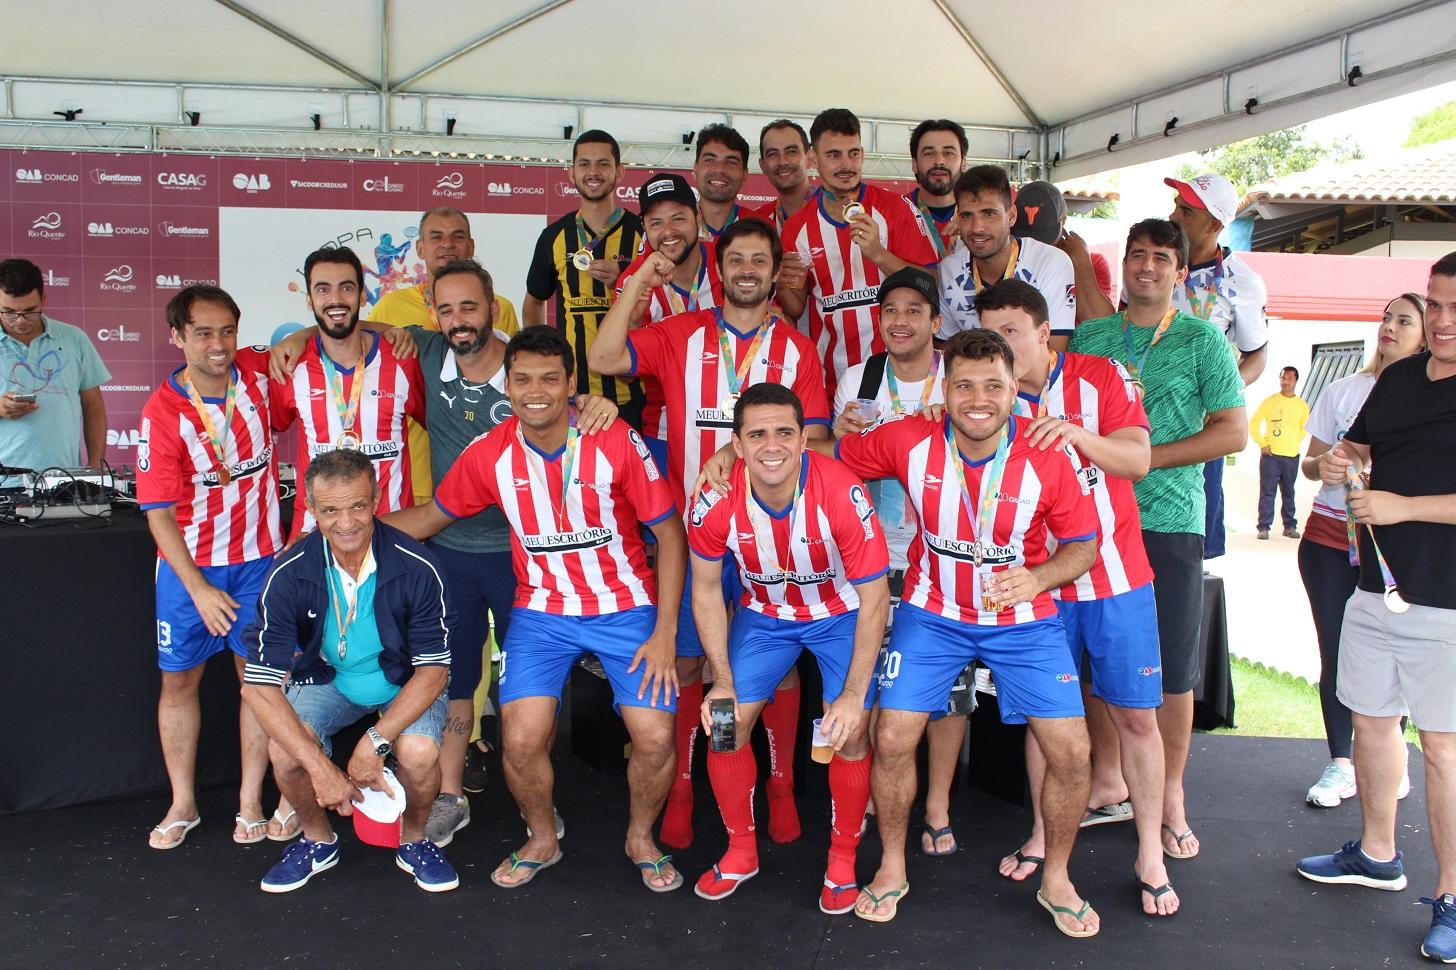 CEL sedia 1ª Copa Concad